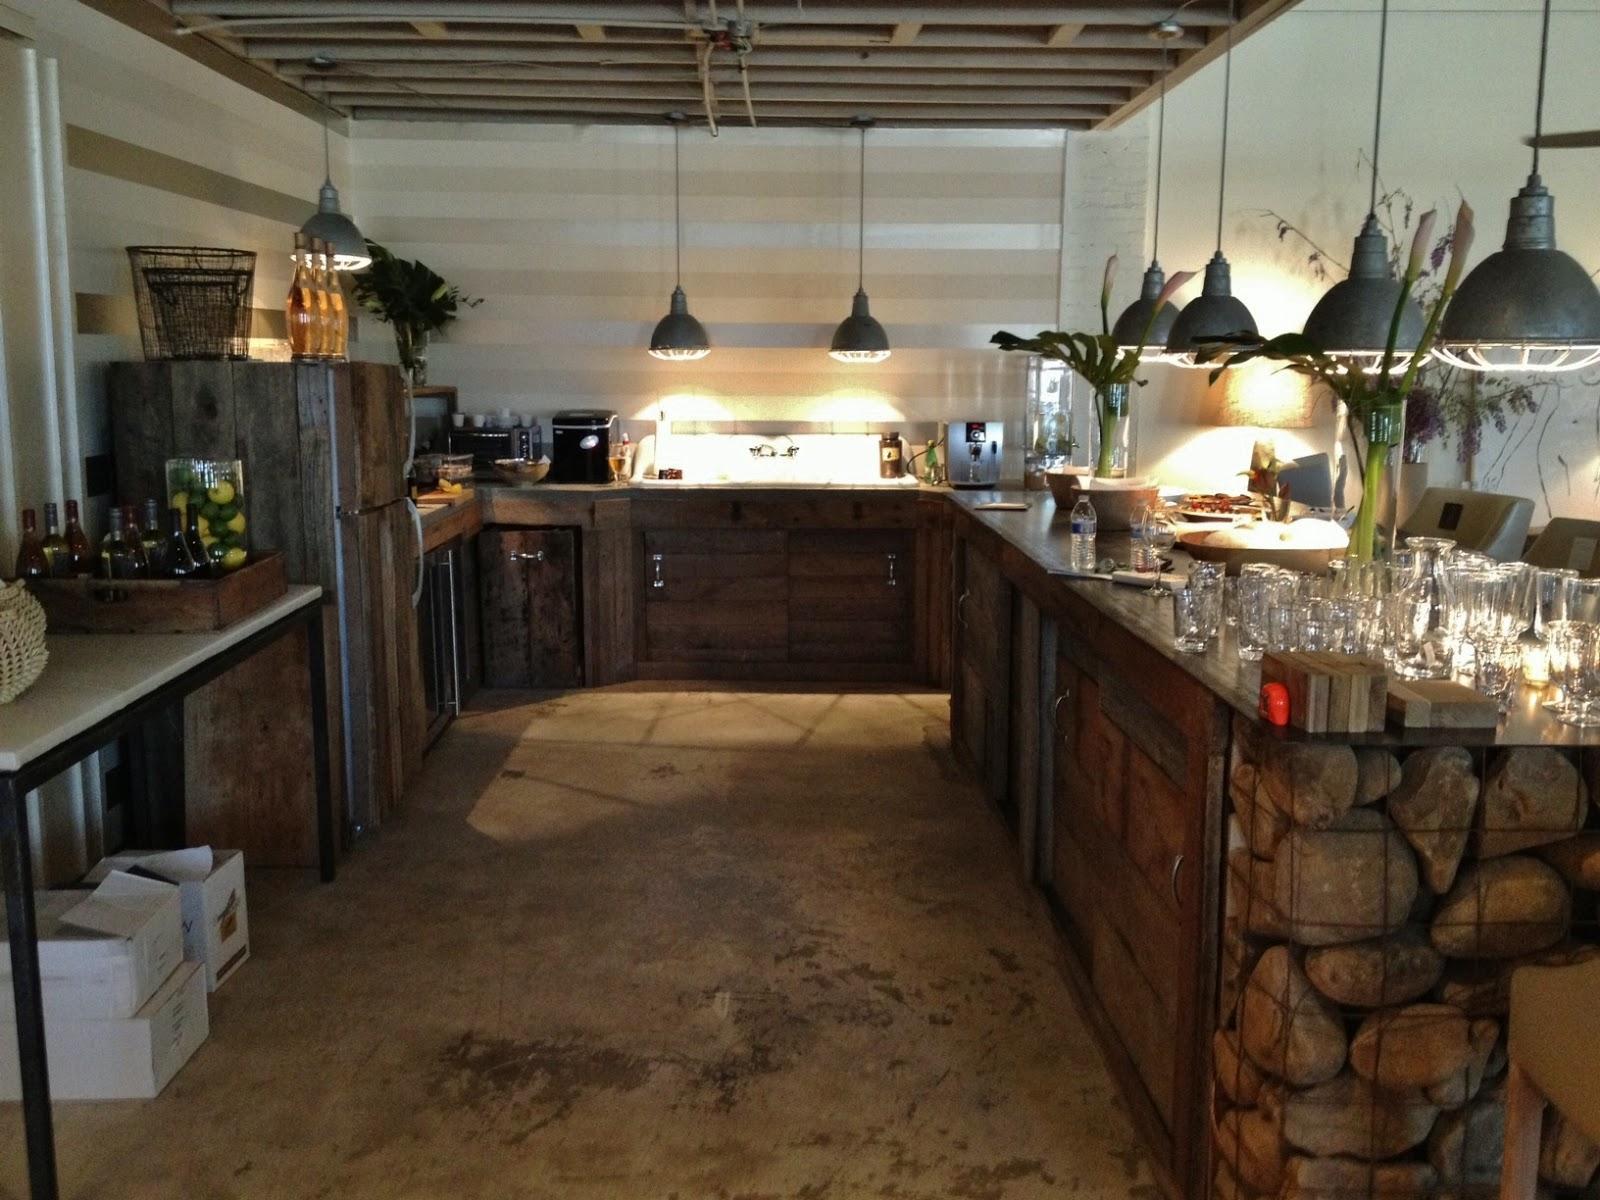 hentning-køkken-kabiner-brun-kabine-til-køkken